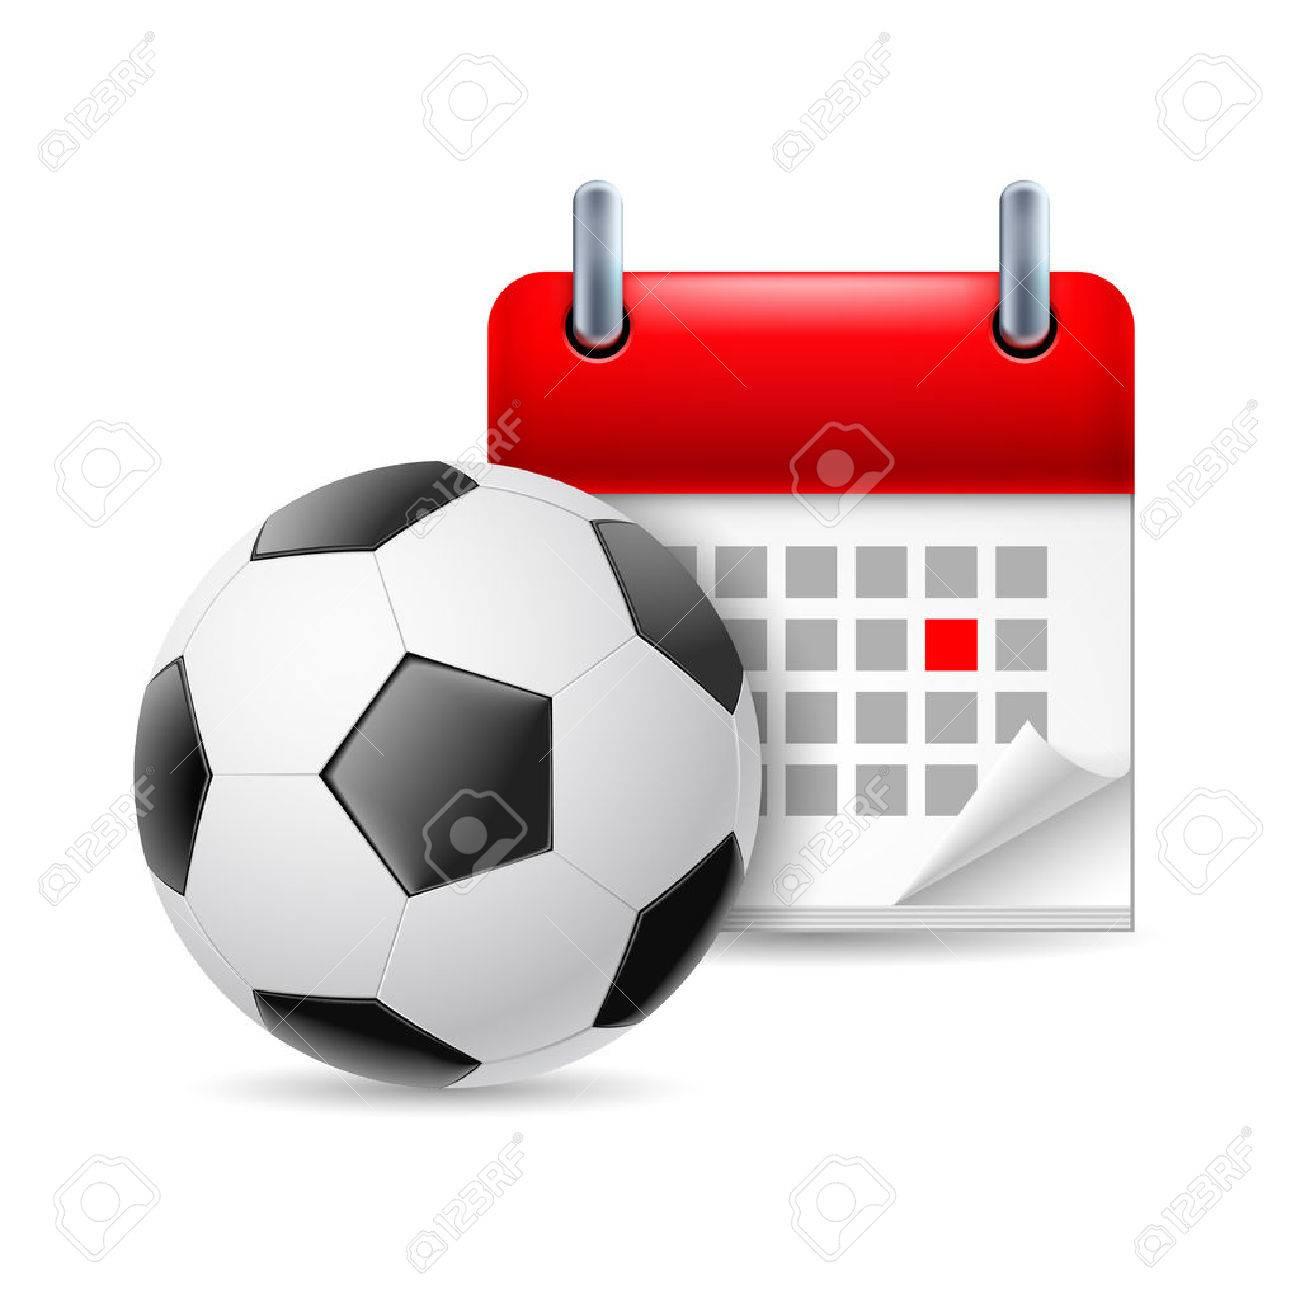 Futbol Calendario.Icono Del Futbol Y Calendario Con El Dia Marcado Evento Deporte